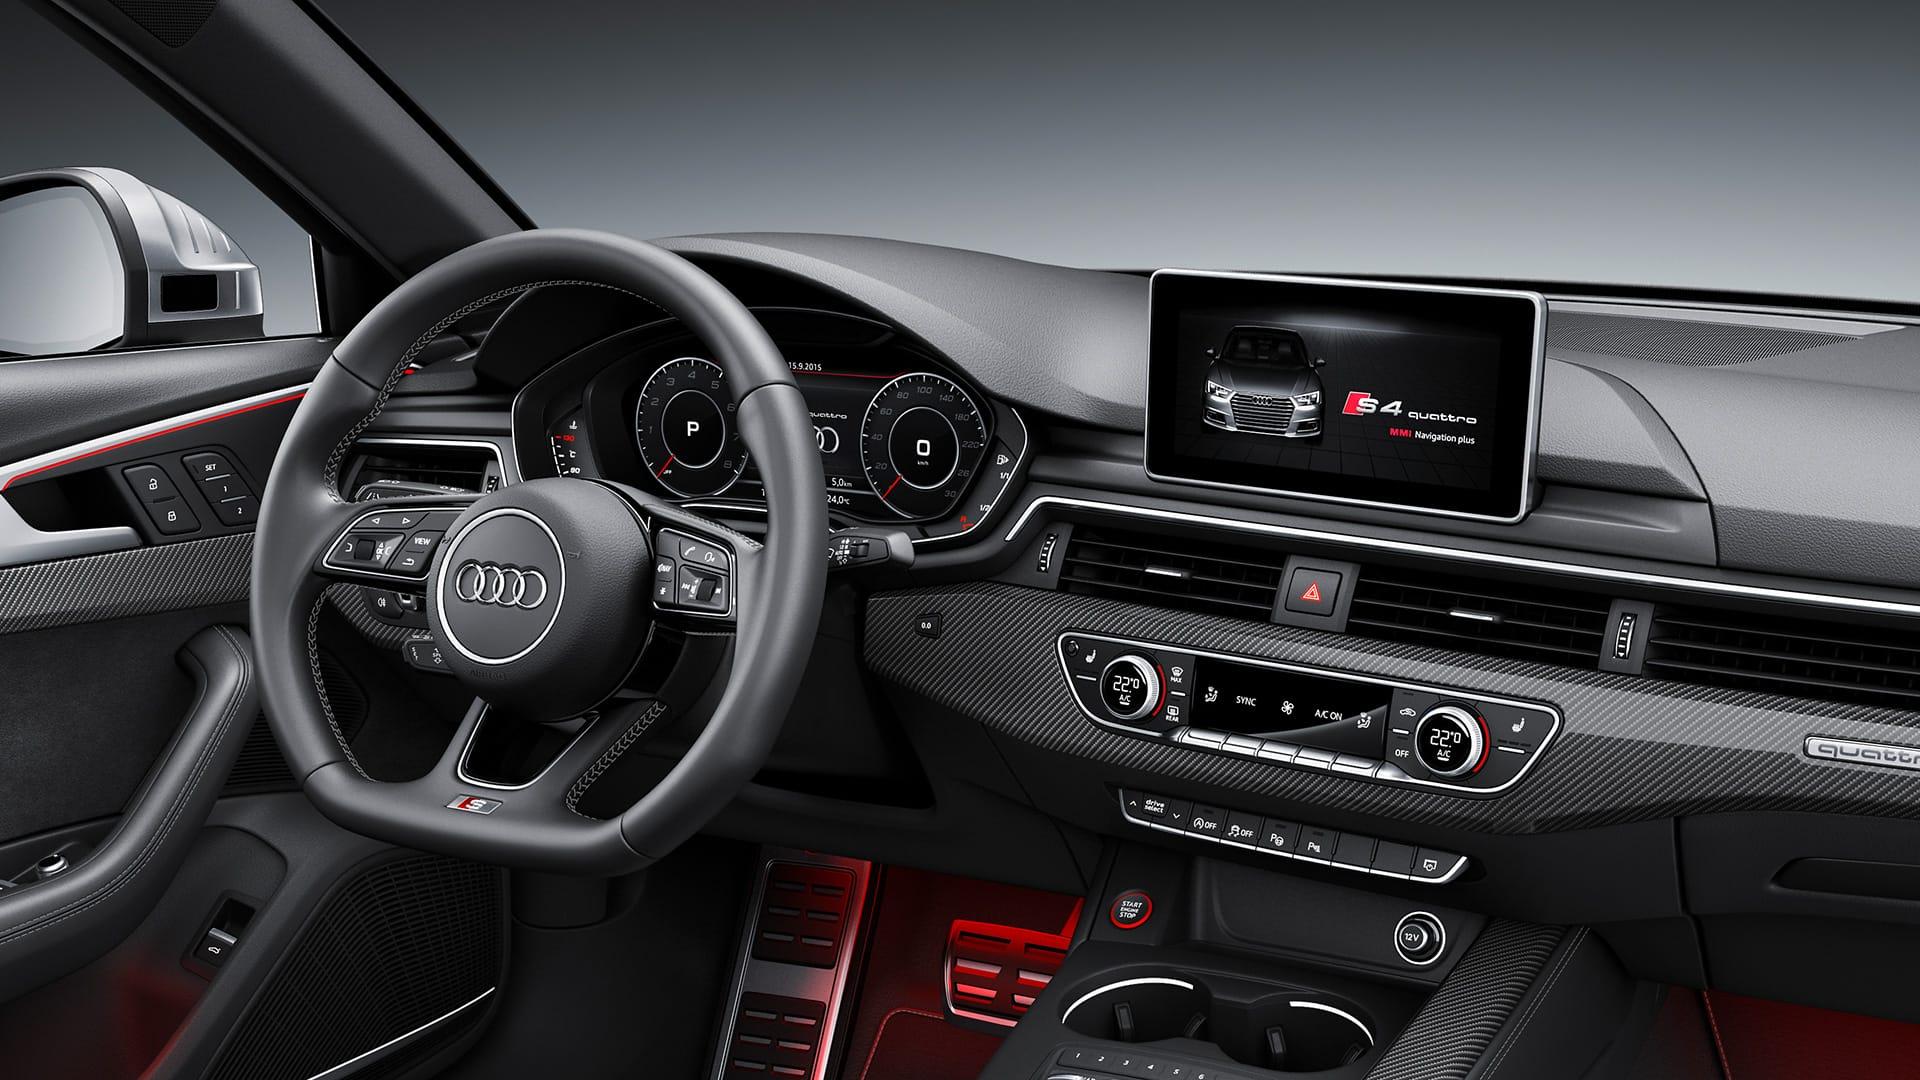 2018 S4 Sedan A4 Audi Canada